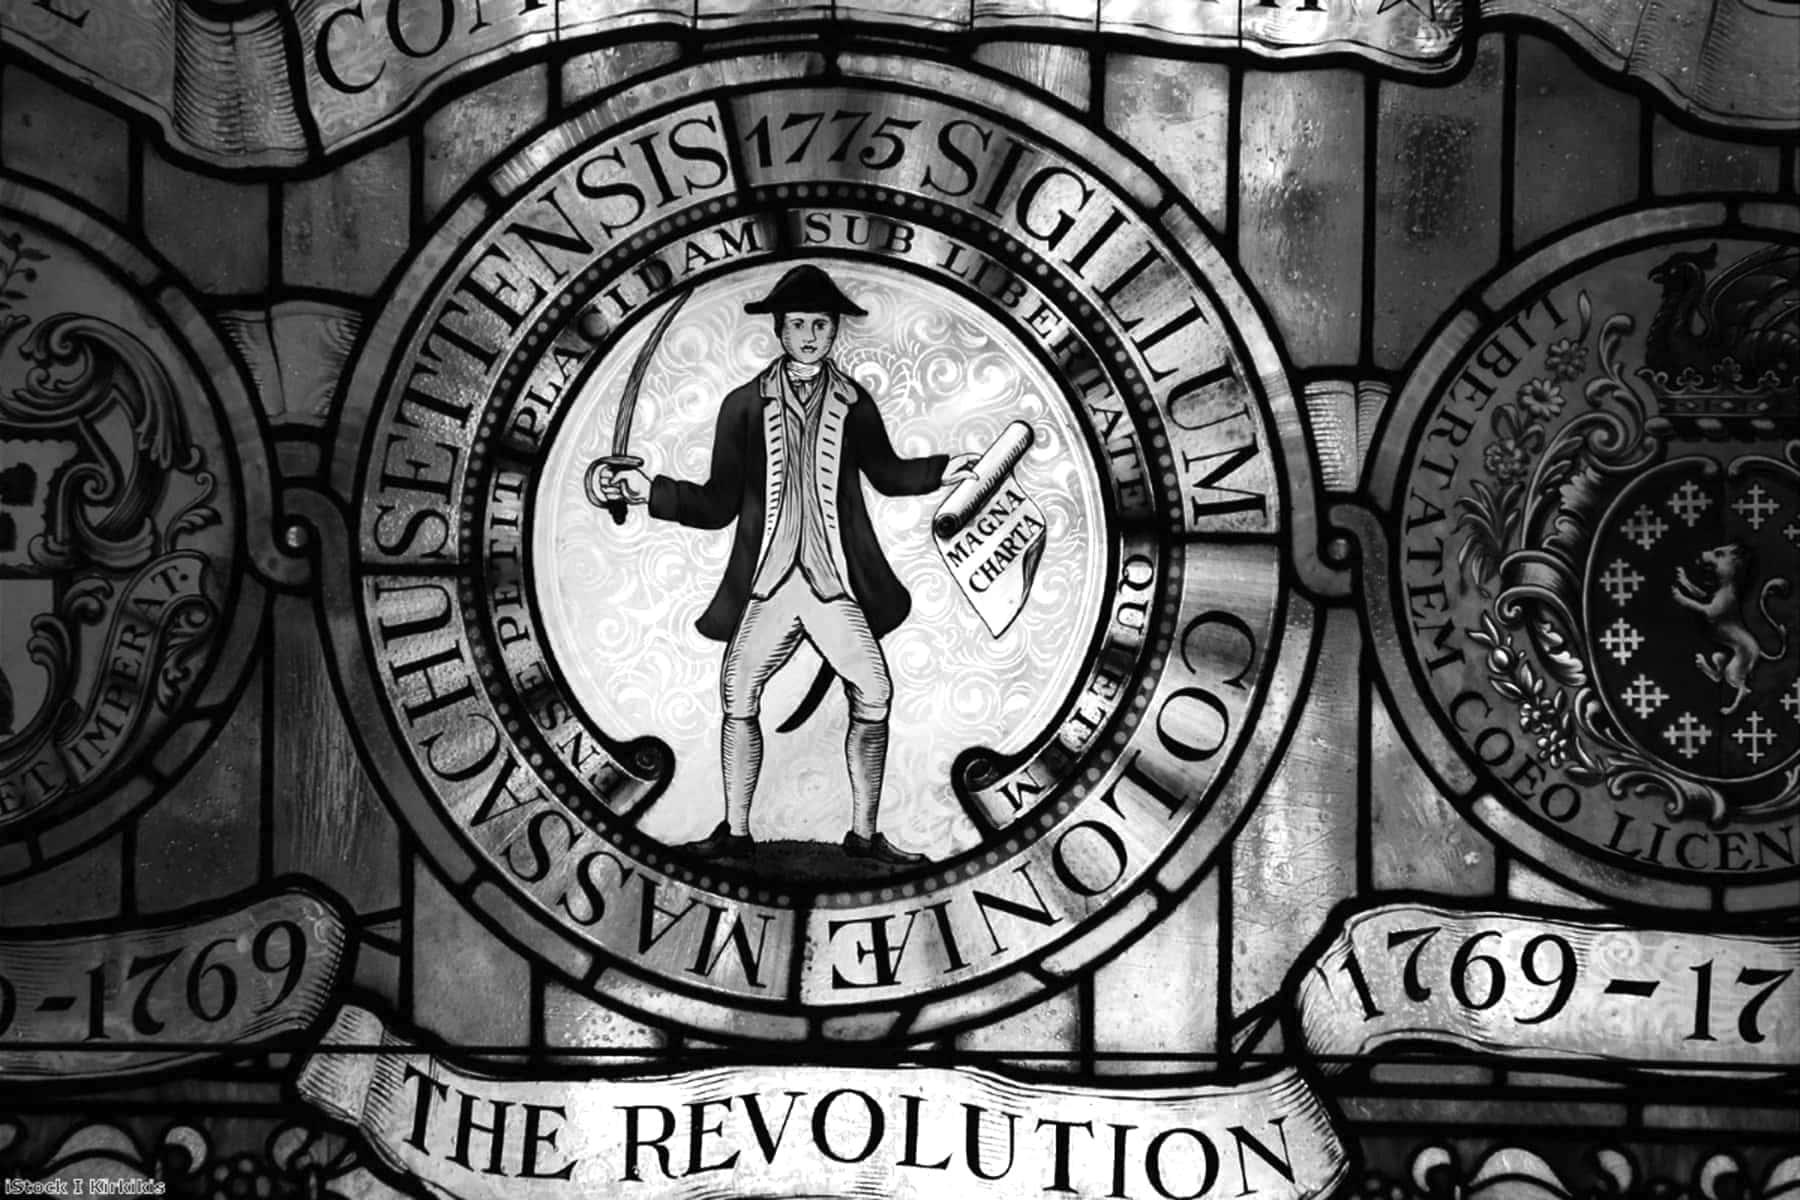 050321_SecondRevolution_03g